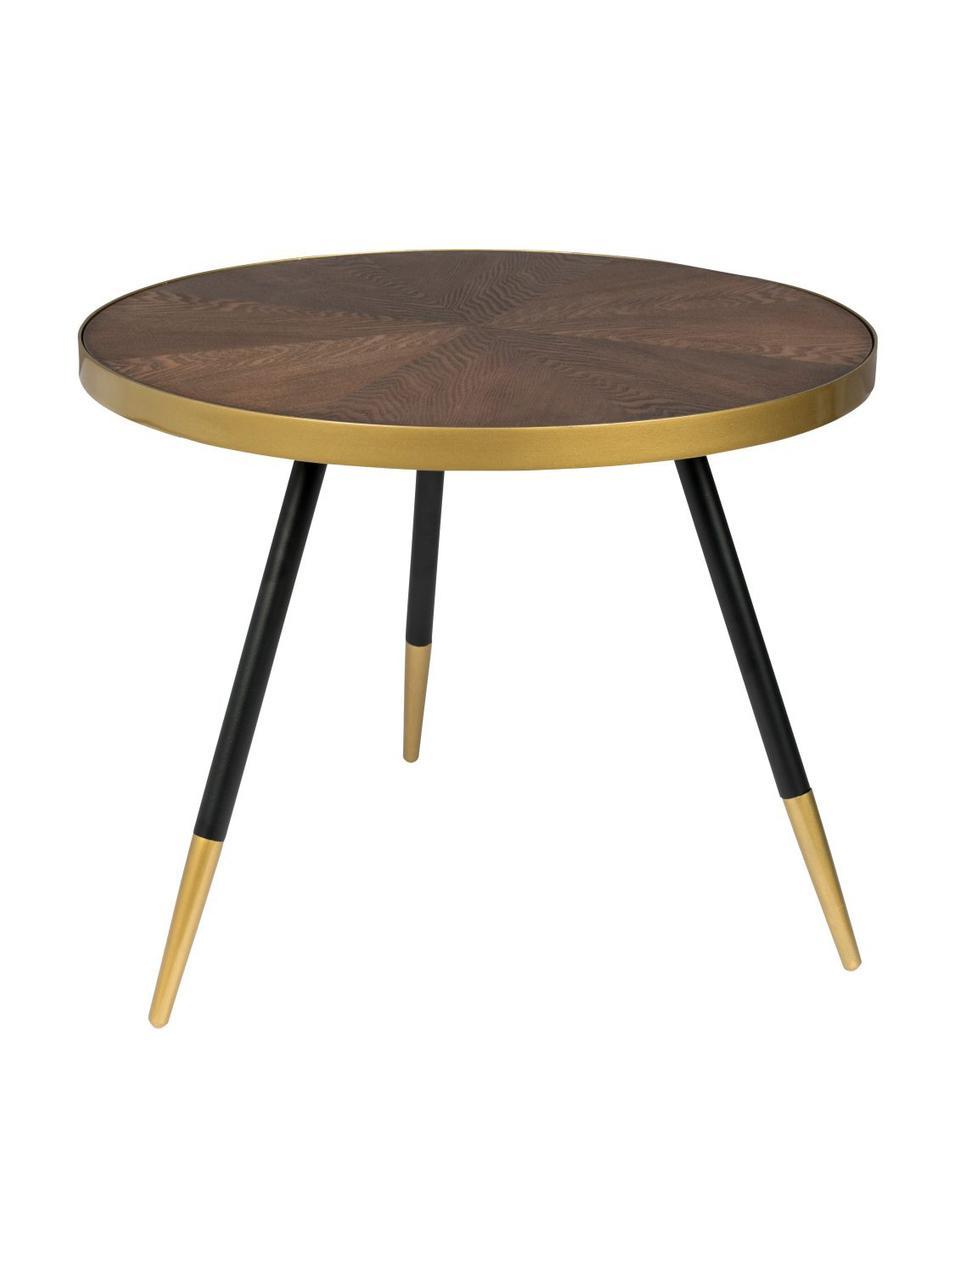 Runder Couchtisch Denise, Tischplatte: Mitteldichte Holzfaserpla, Eschenholz, Goldfarben, Ø 61 x H 40 cm